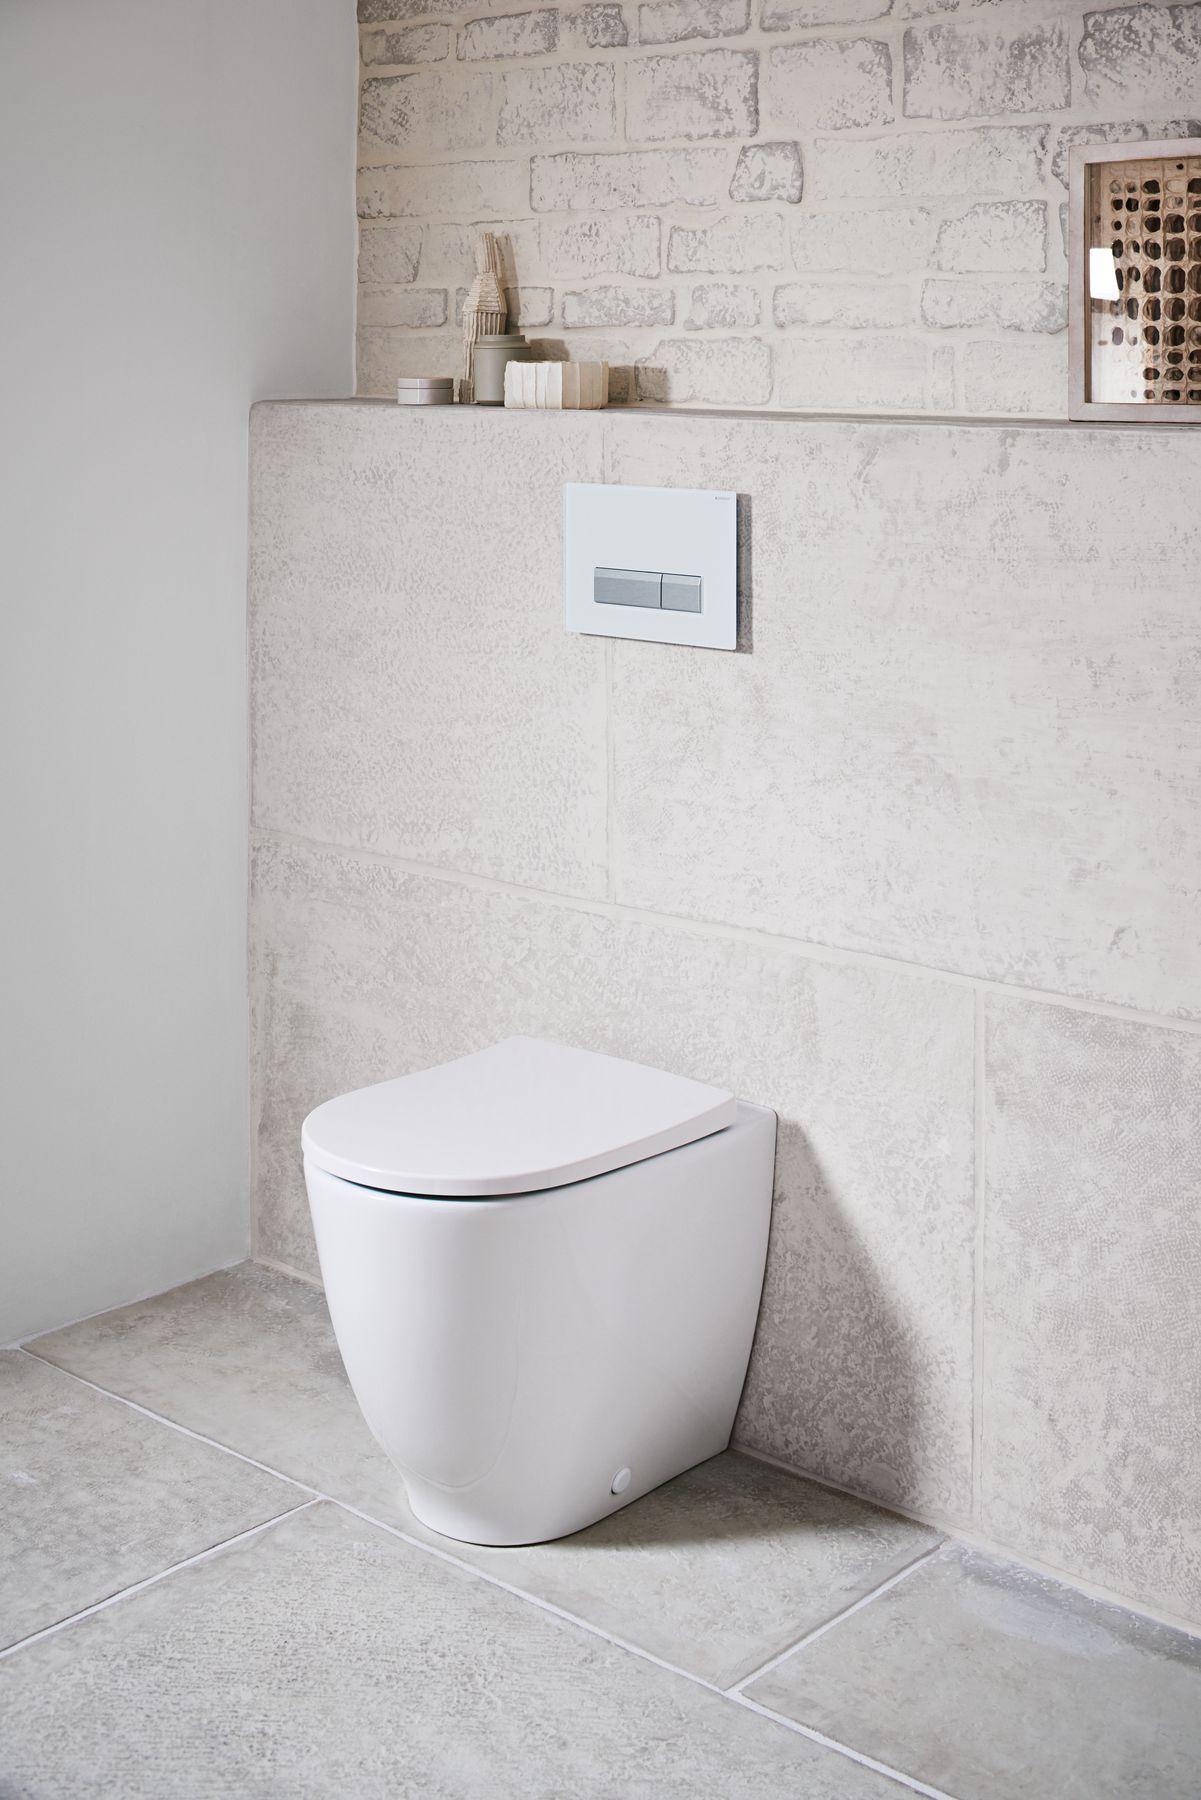 Staand toilet zonder spoelrand uit de Keramag Acanto collectie